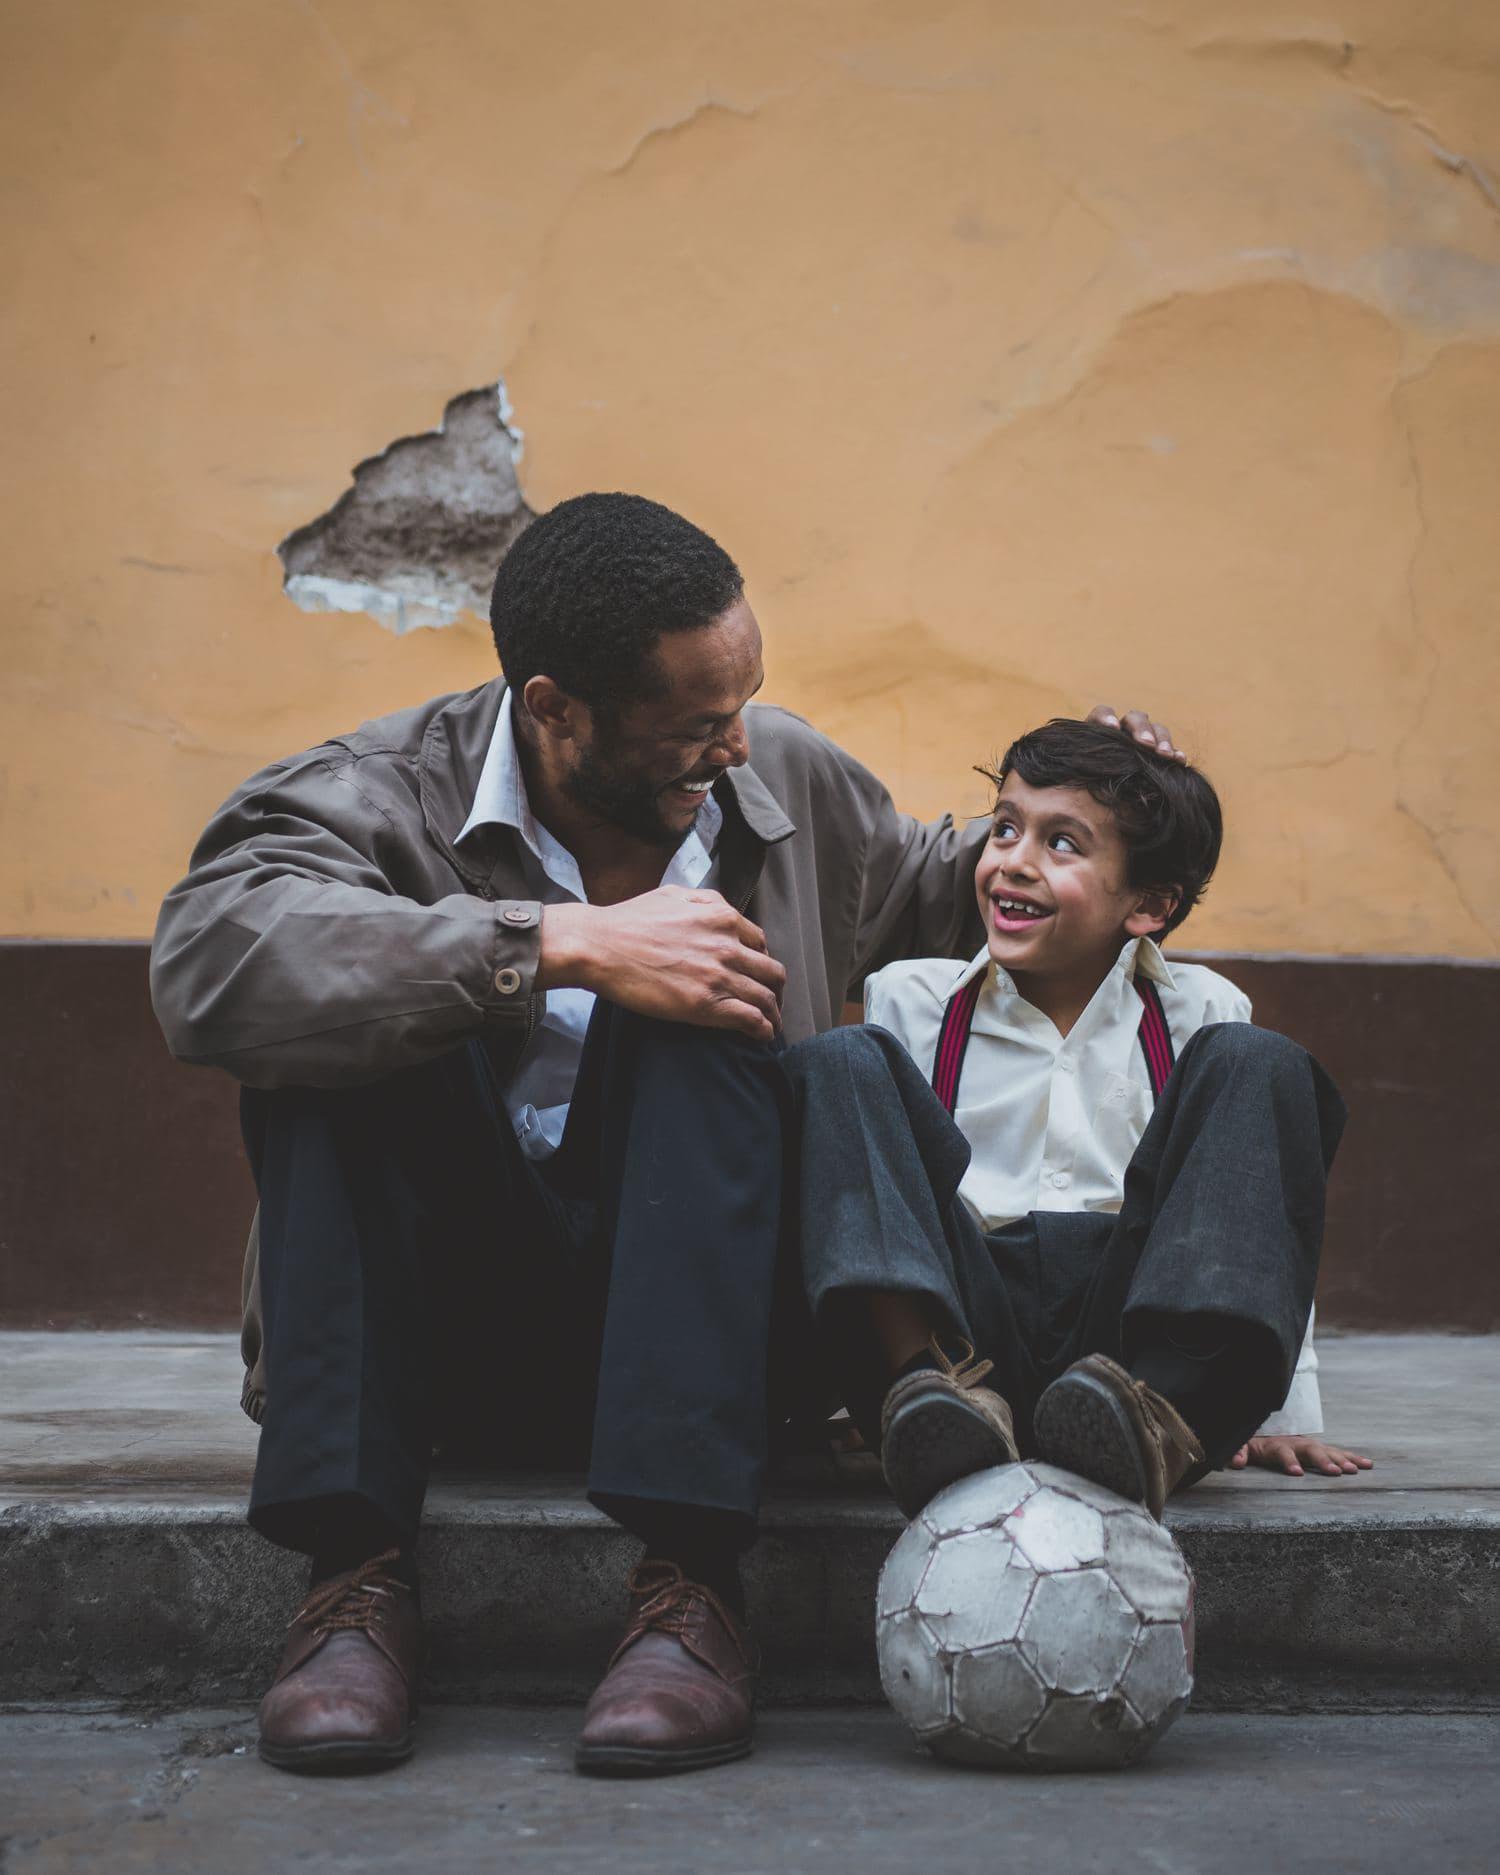 fotografía de un padre con su hijo